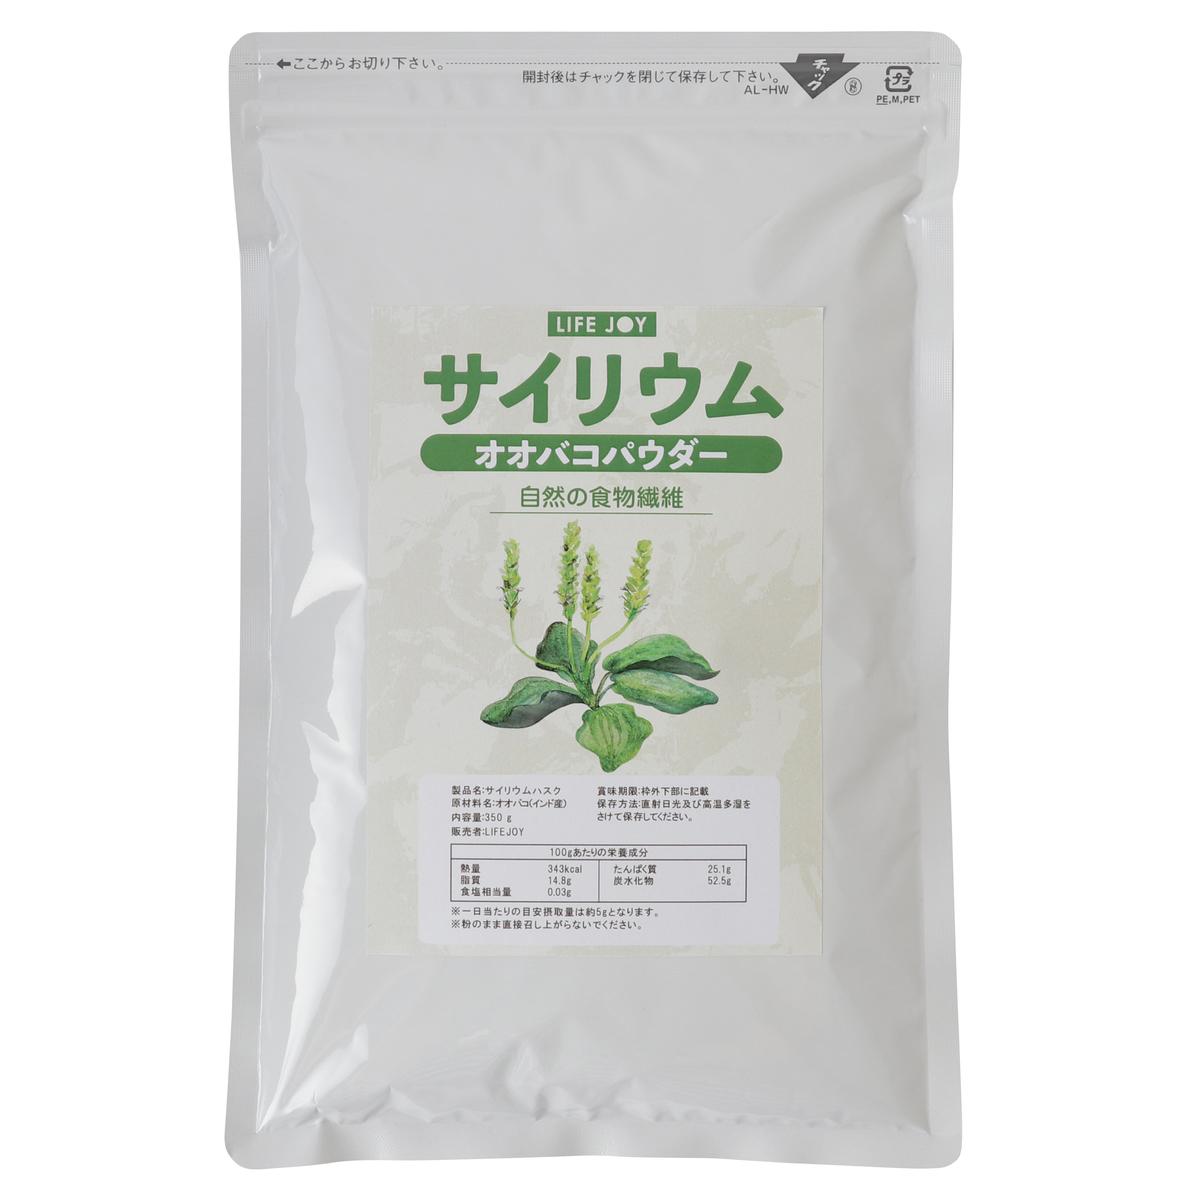 あす楽対応品 1着でも送料無料 割り引き 送料無料 日本国内の食品工場にて加工 サイリウム オオバコ 国内食品工場にて加工 軽量スプーン入り 350g 農薬分析済